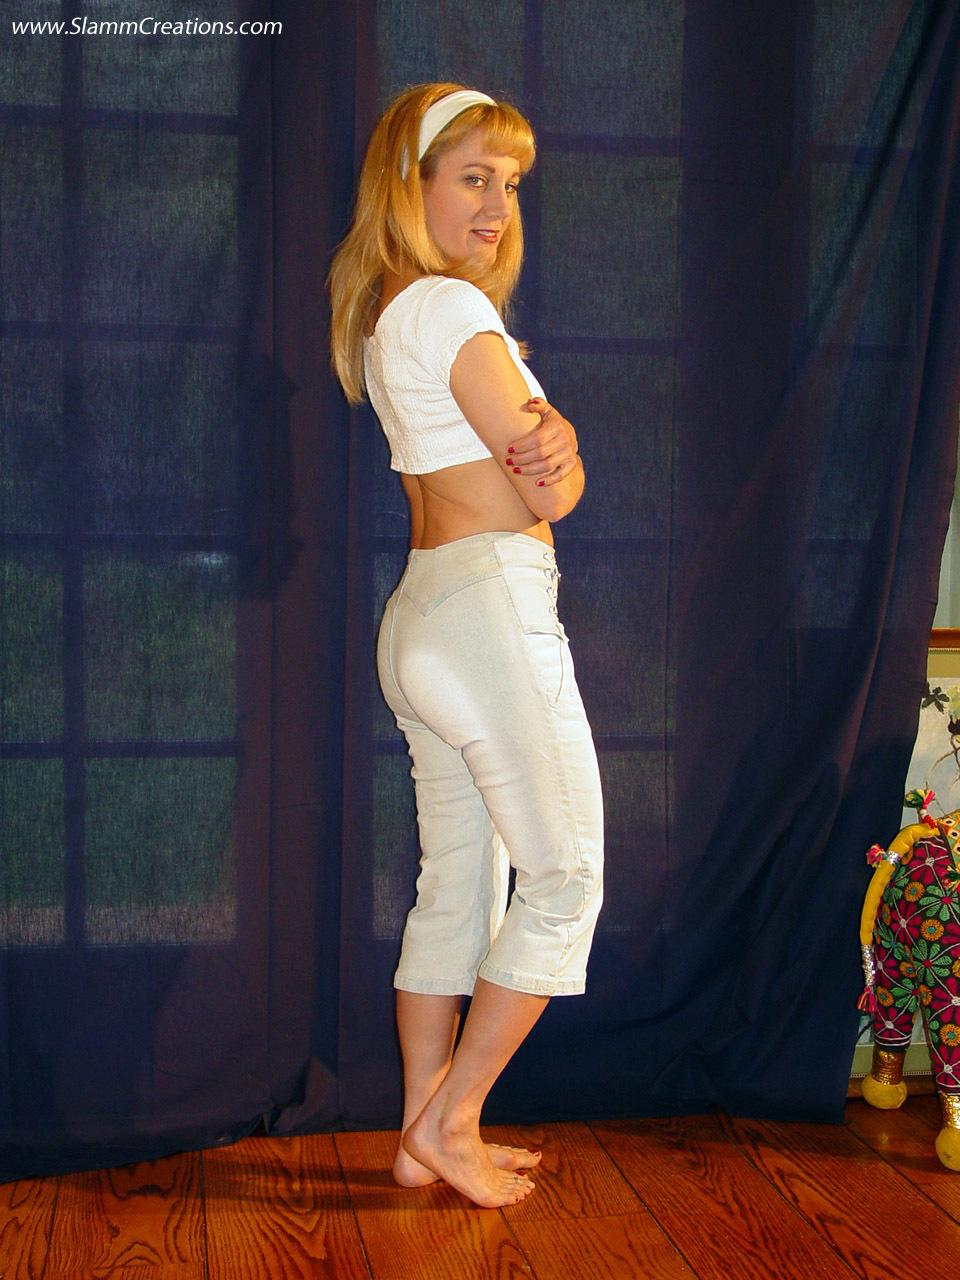 Angela Faith NSFW